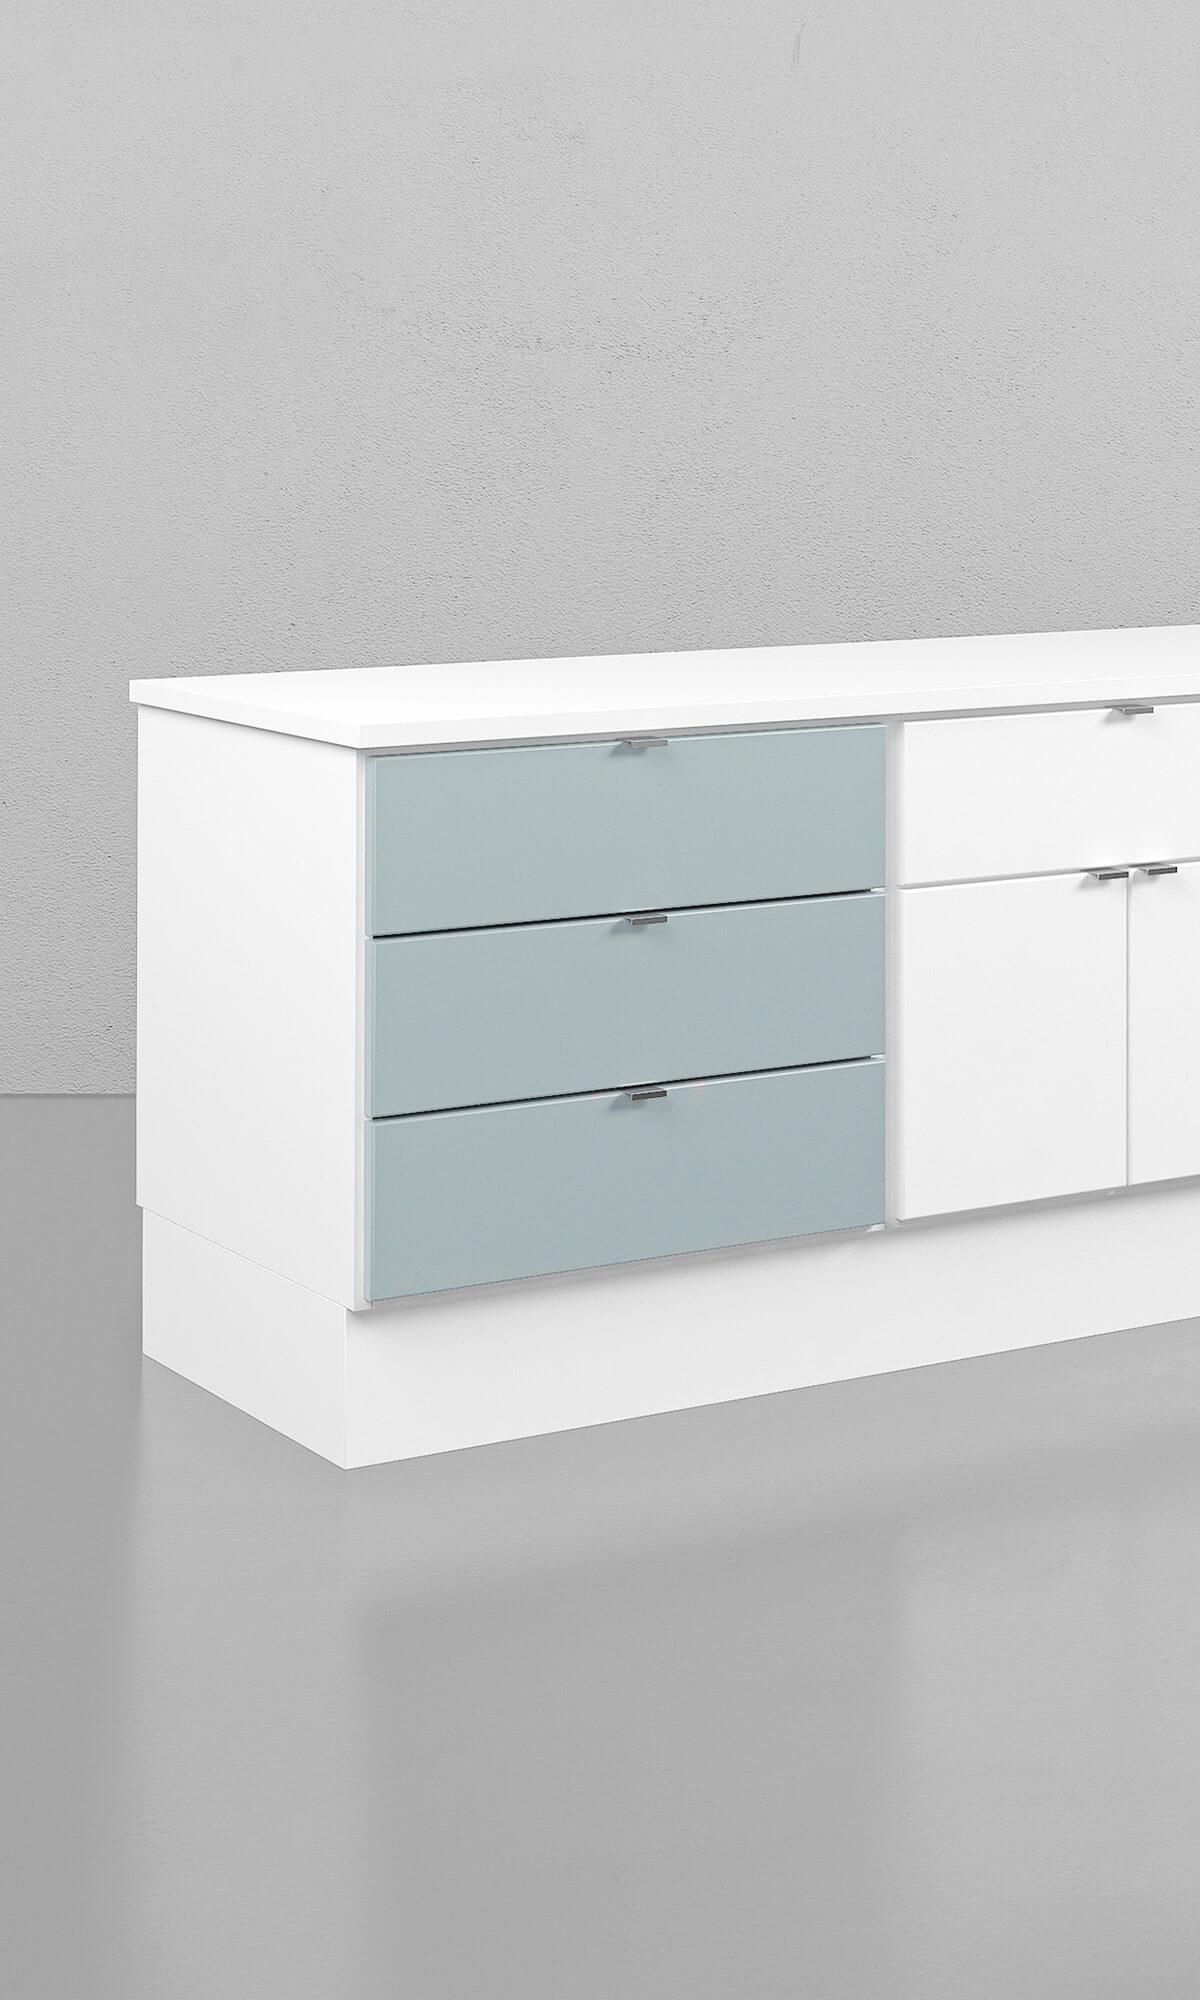 skrivardiskar disk skrivare förvaring storage möbelfakta kontorsförvaring office storage trece